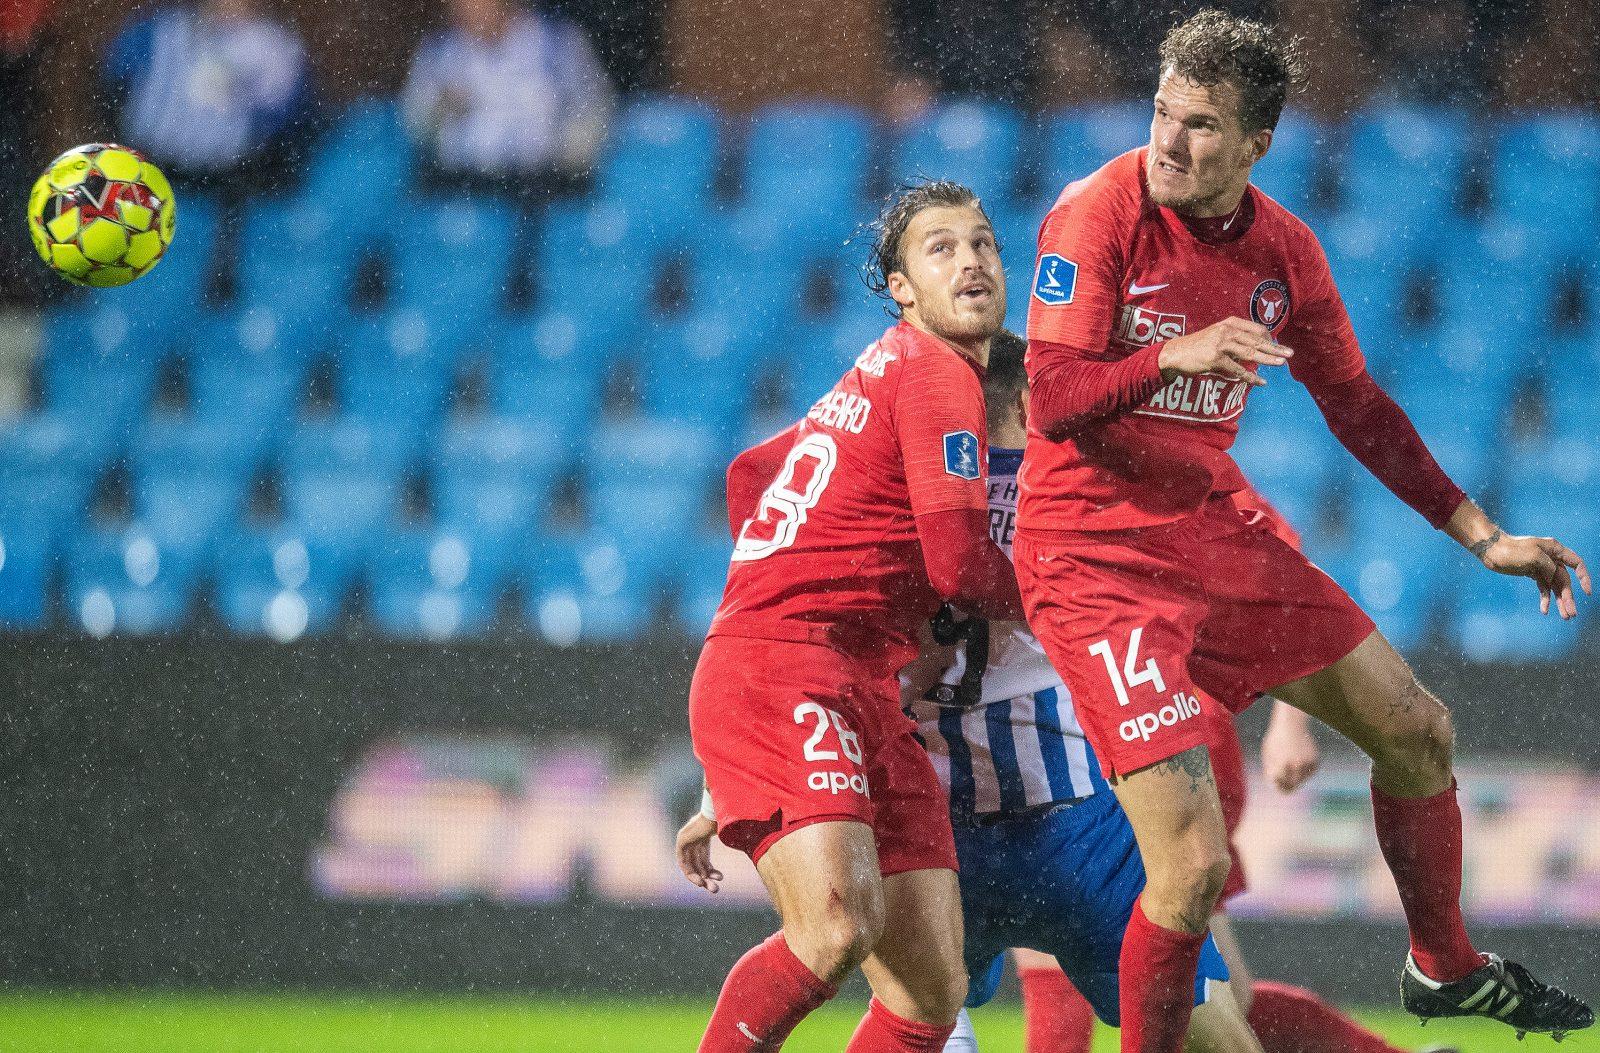 Esbjerg fB-FC Midtjylland-20